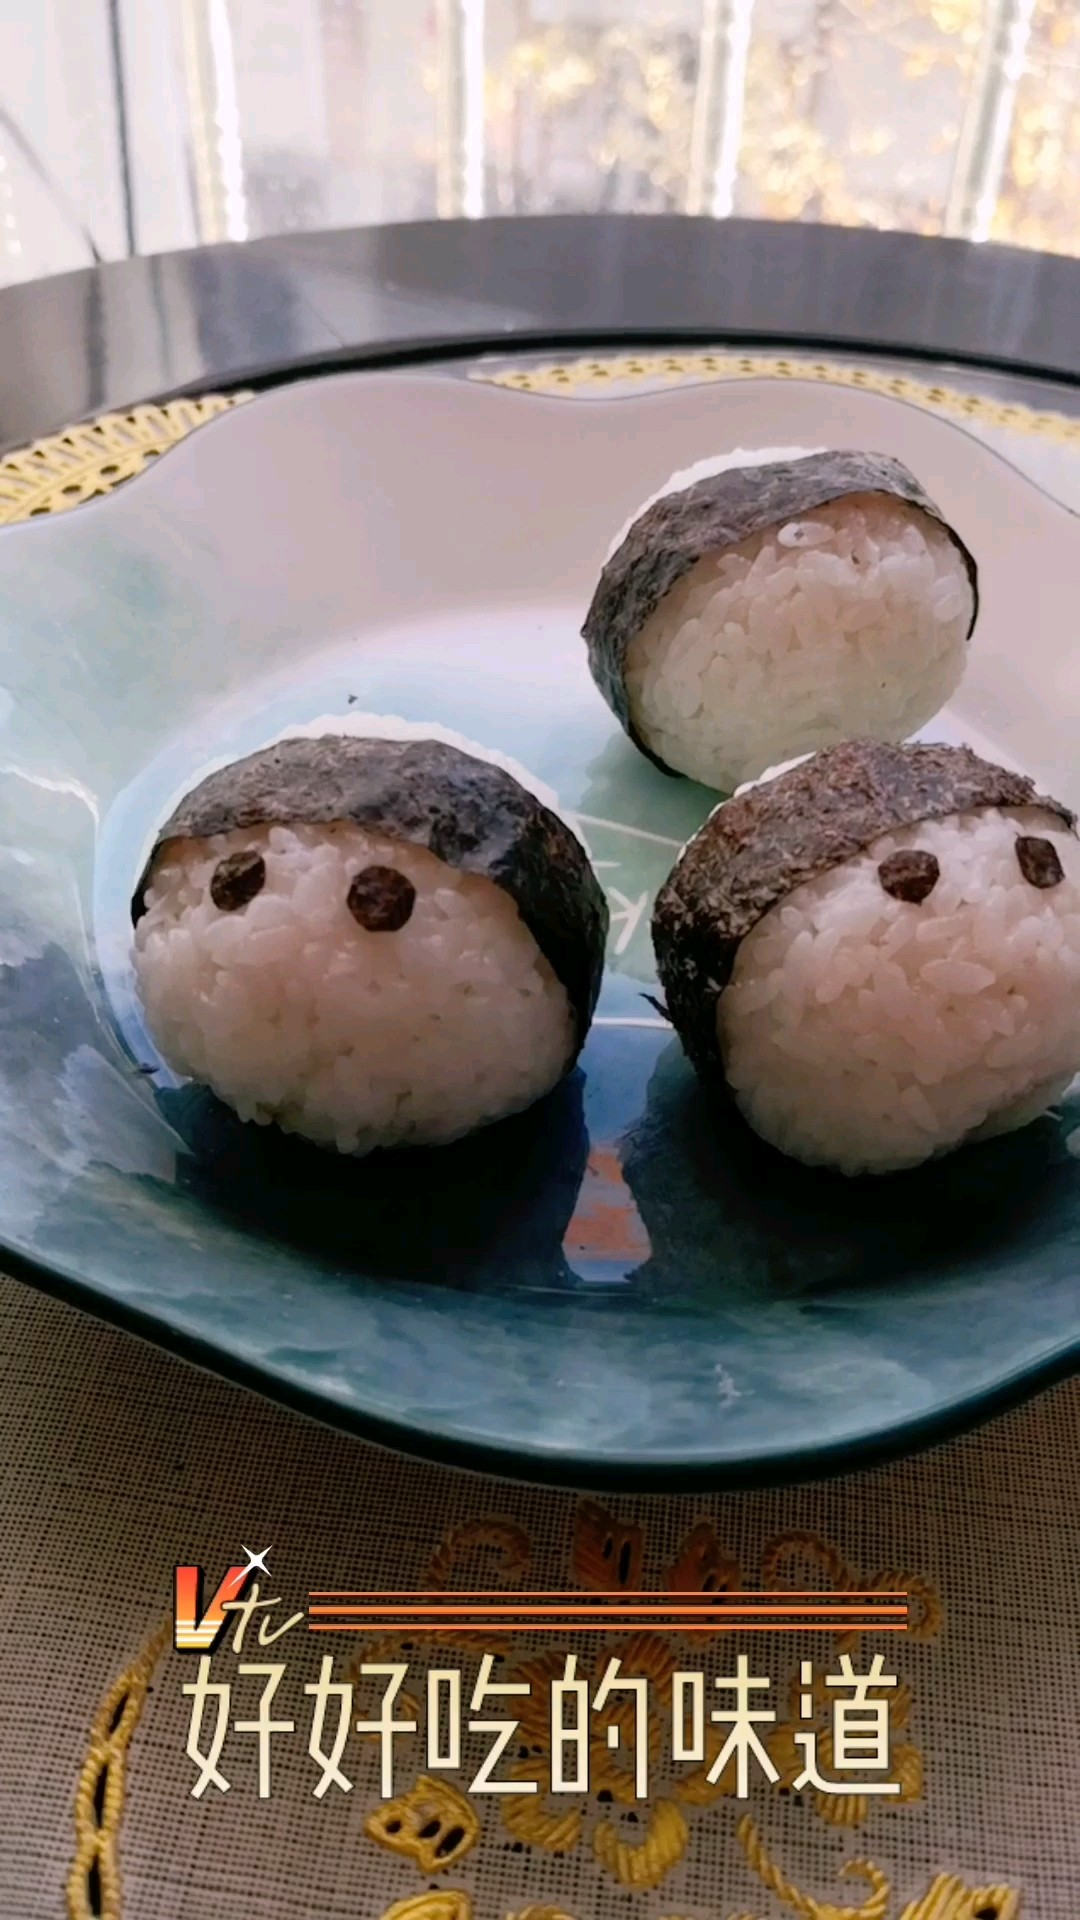 可爱的寿司饭团怎么吃